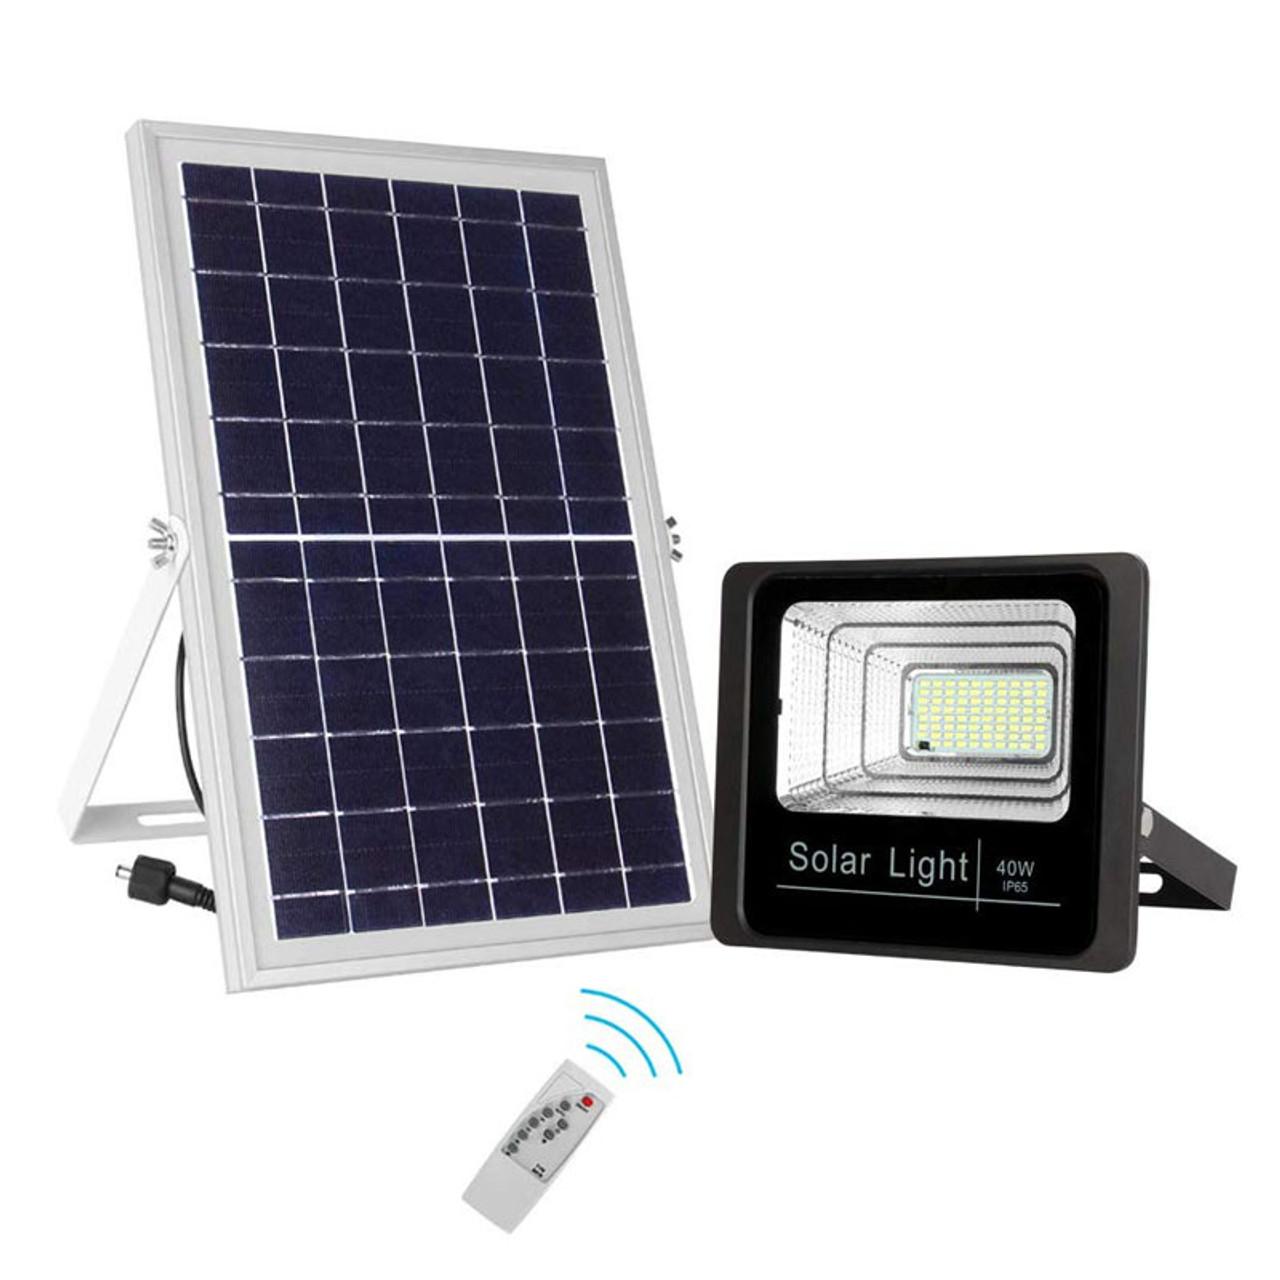 Led Solar Powered 40 Watt High Output Flood Light With